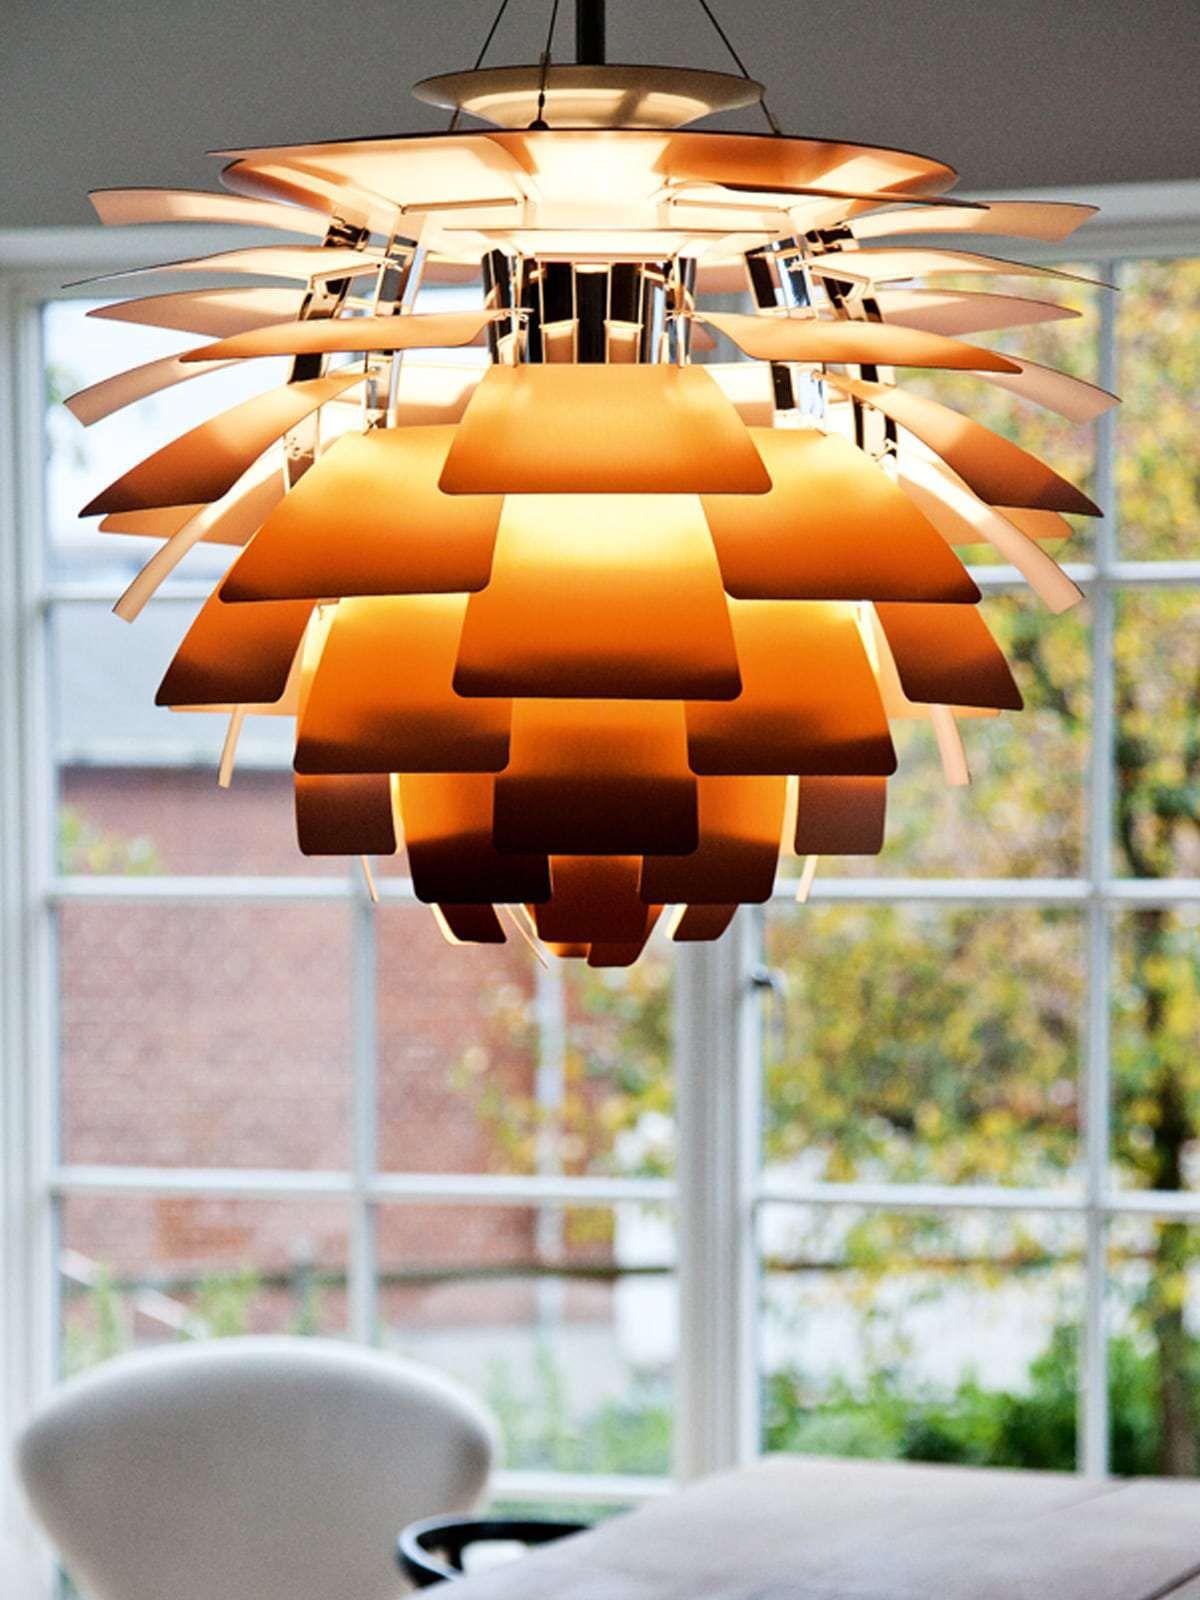 Full Size of Designer Lampen Ph Artichoke In 2020 Design Esstisch Schlafzimmer Betten Küche Wohnzimmer Deckenlampen Esstische Badezimmer Led Bad Stehlampen Regale Modern Wohnzimmer Designer Lampen